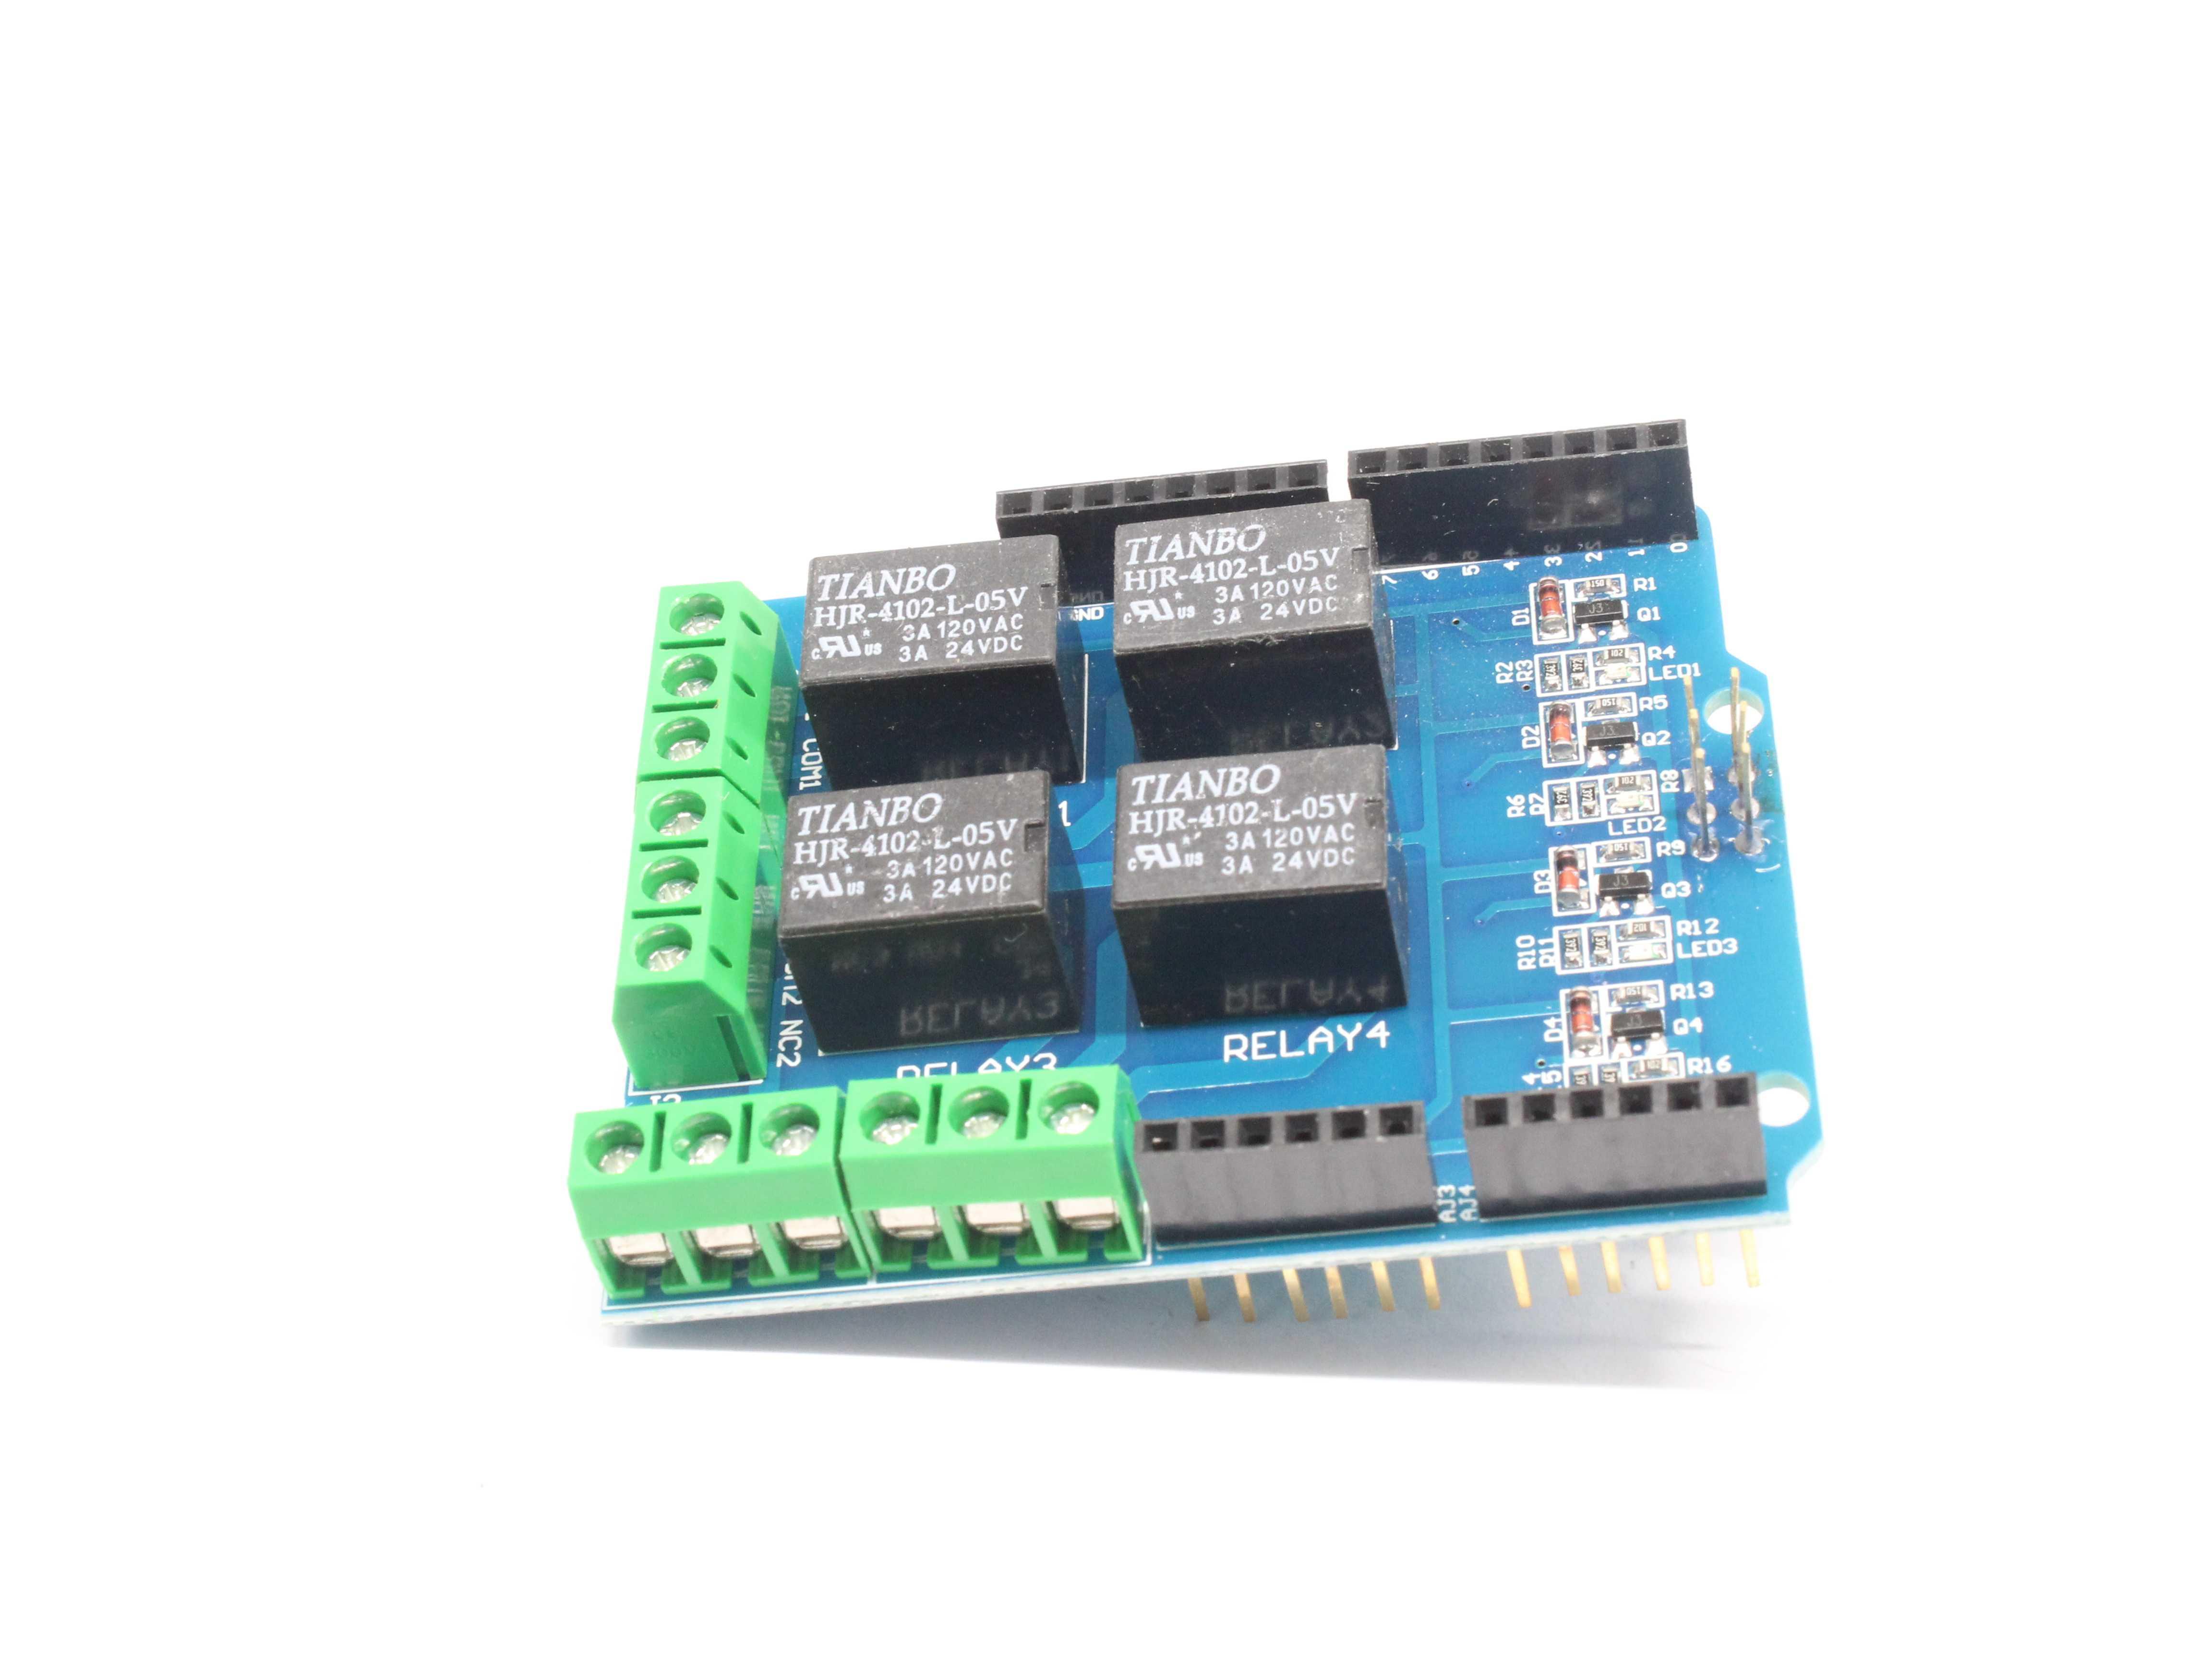 Module de bouclier de relais de 4 canaux 5 v, carte d'extension de relais de carte de contrôle de relais de quatre canaux pour arduino UNO R3 mega 2560